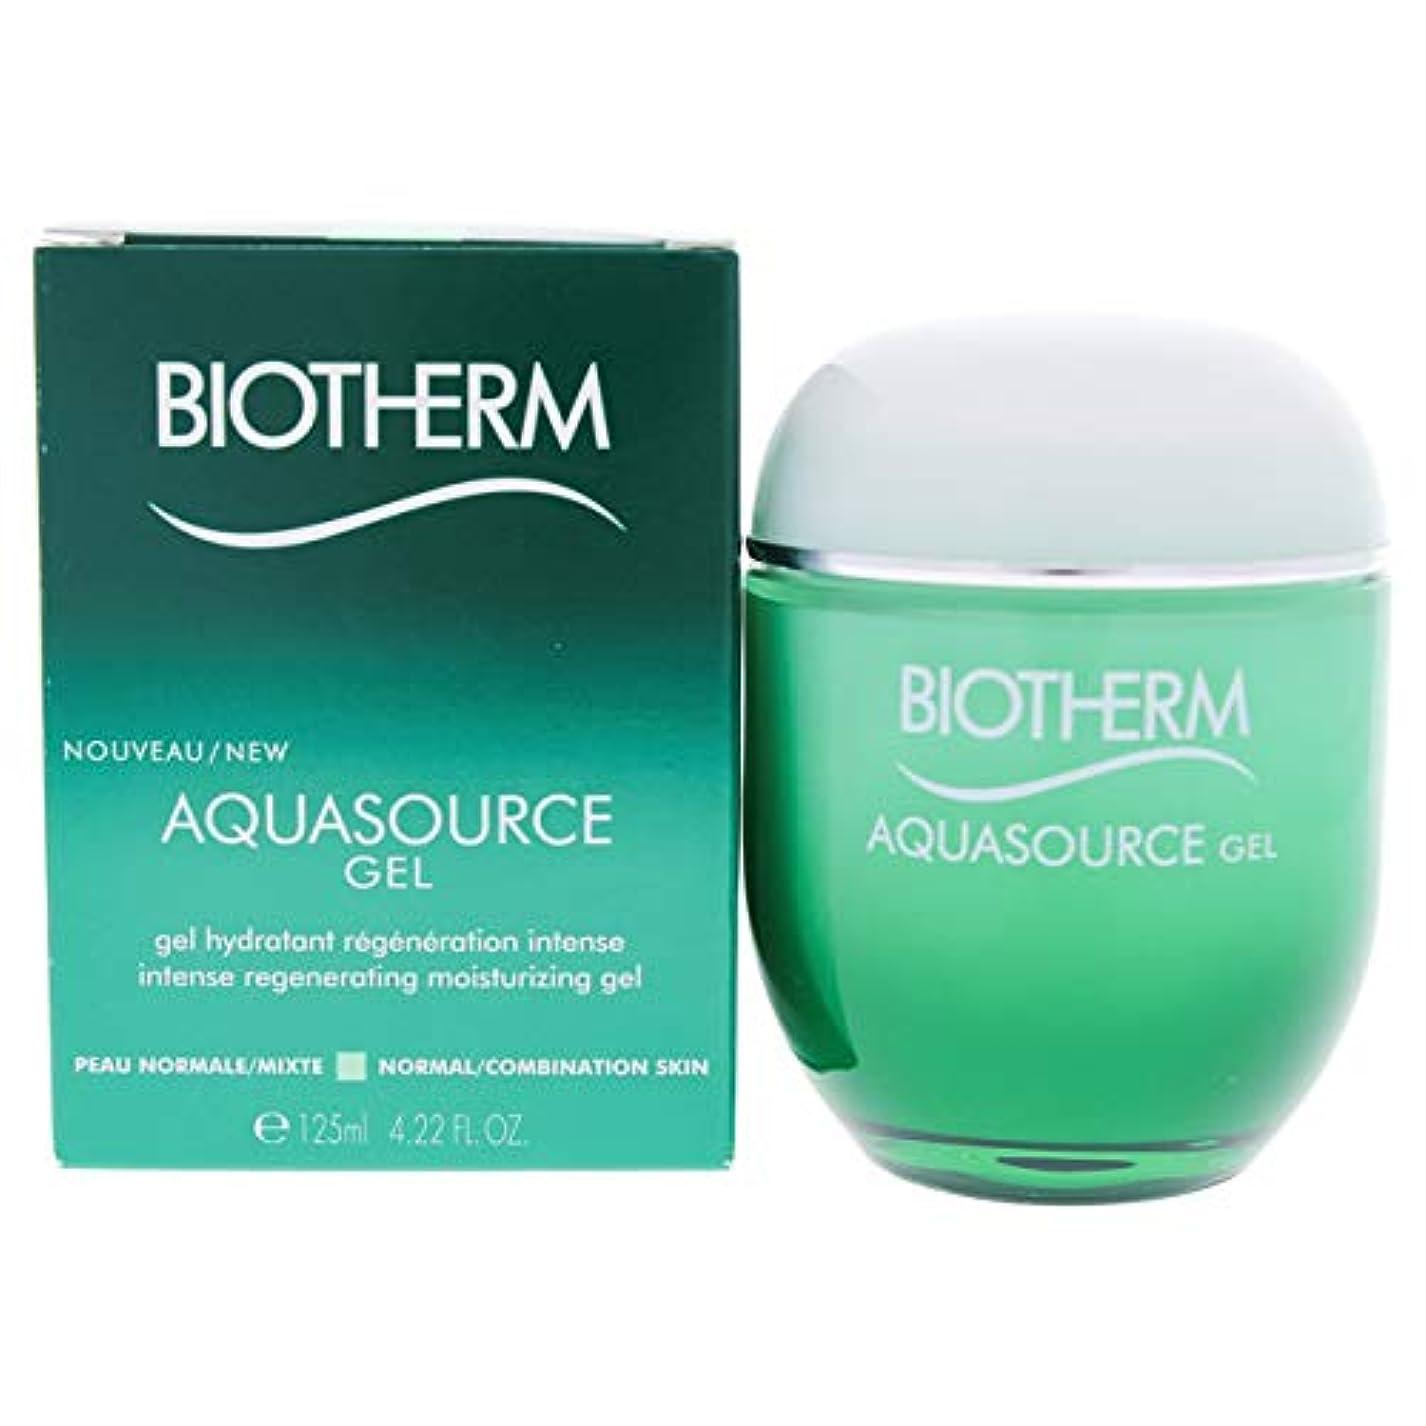 敵意思慮深いあなたはビオテルム Aquasource Gel Intense Regenerating Moisturizing Gel - For Normal/Combination Skin 125ml/4.22oz並行輸入品